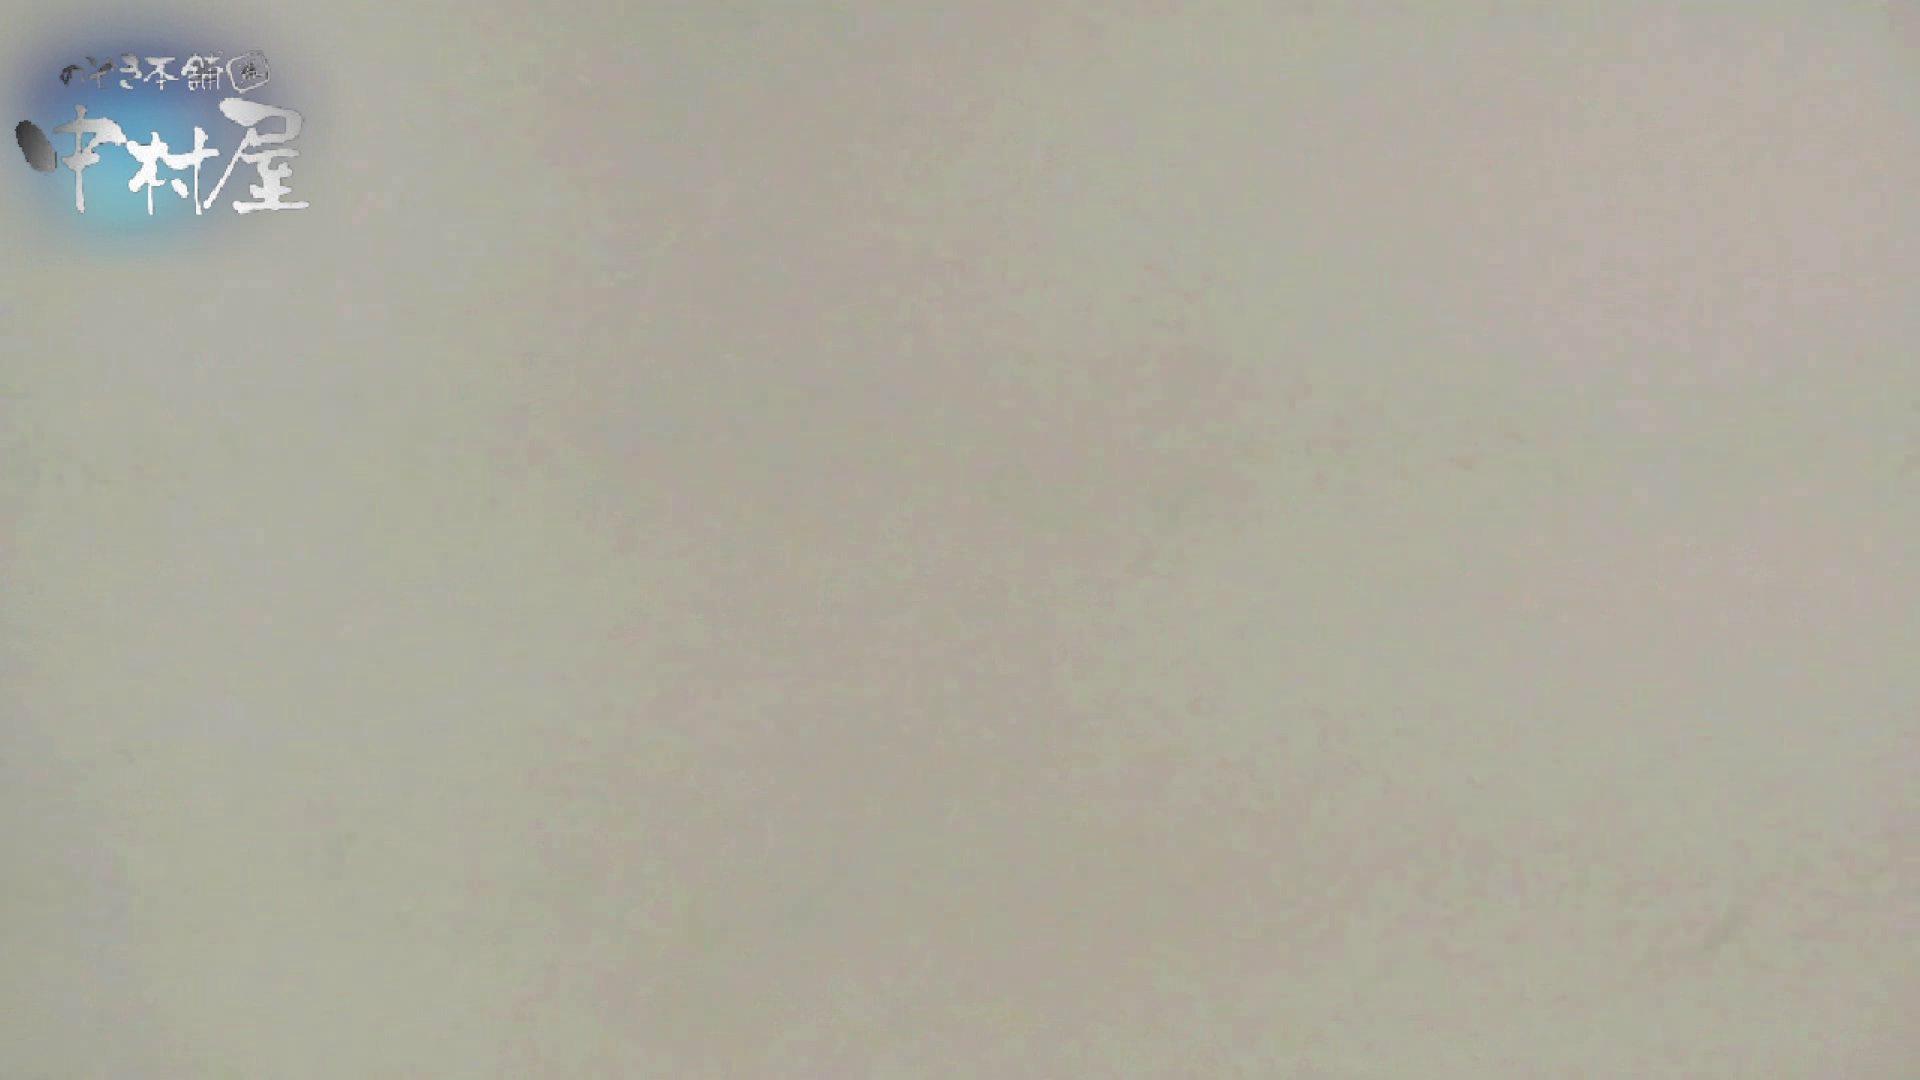 乙女集まる!ショッピングモール潜入撮vol.11 和式  97枚 90